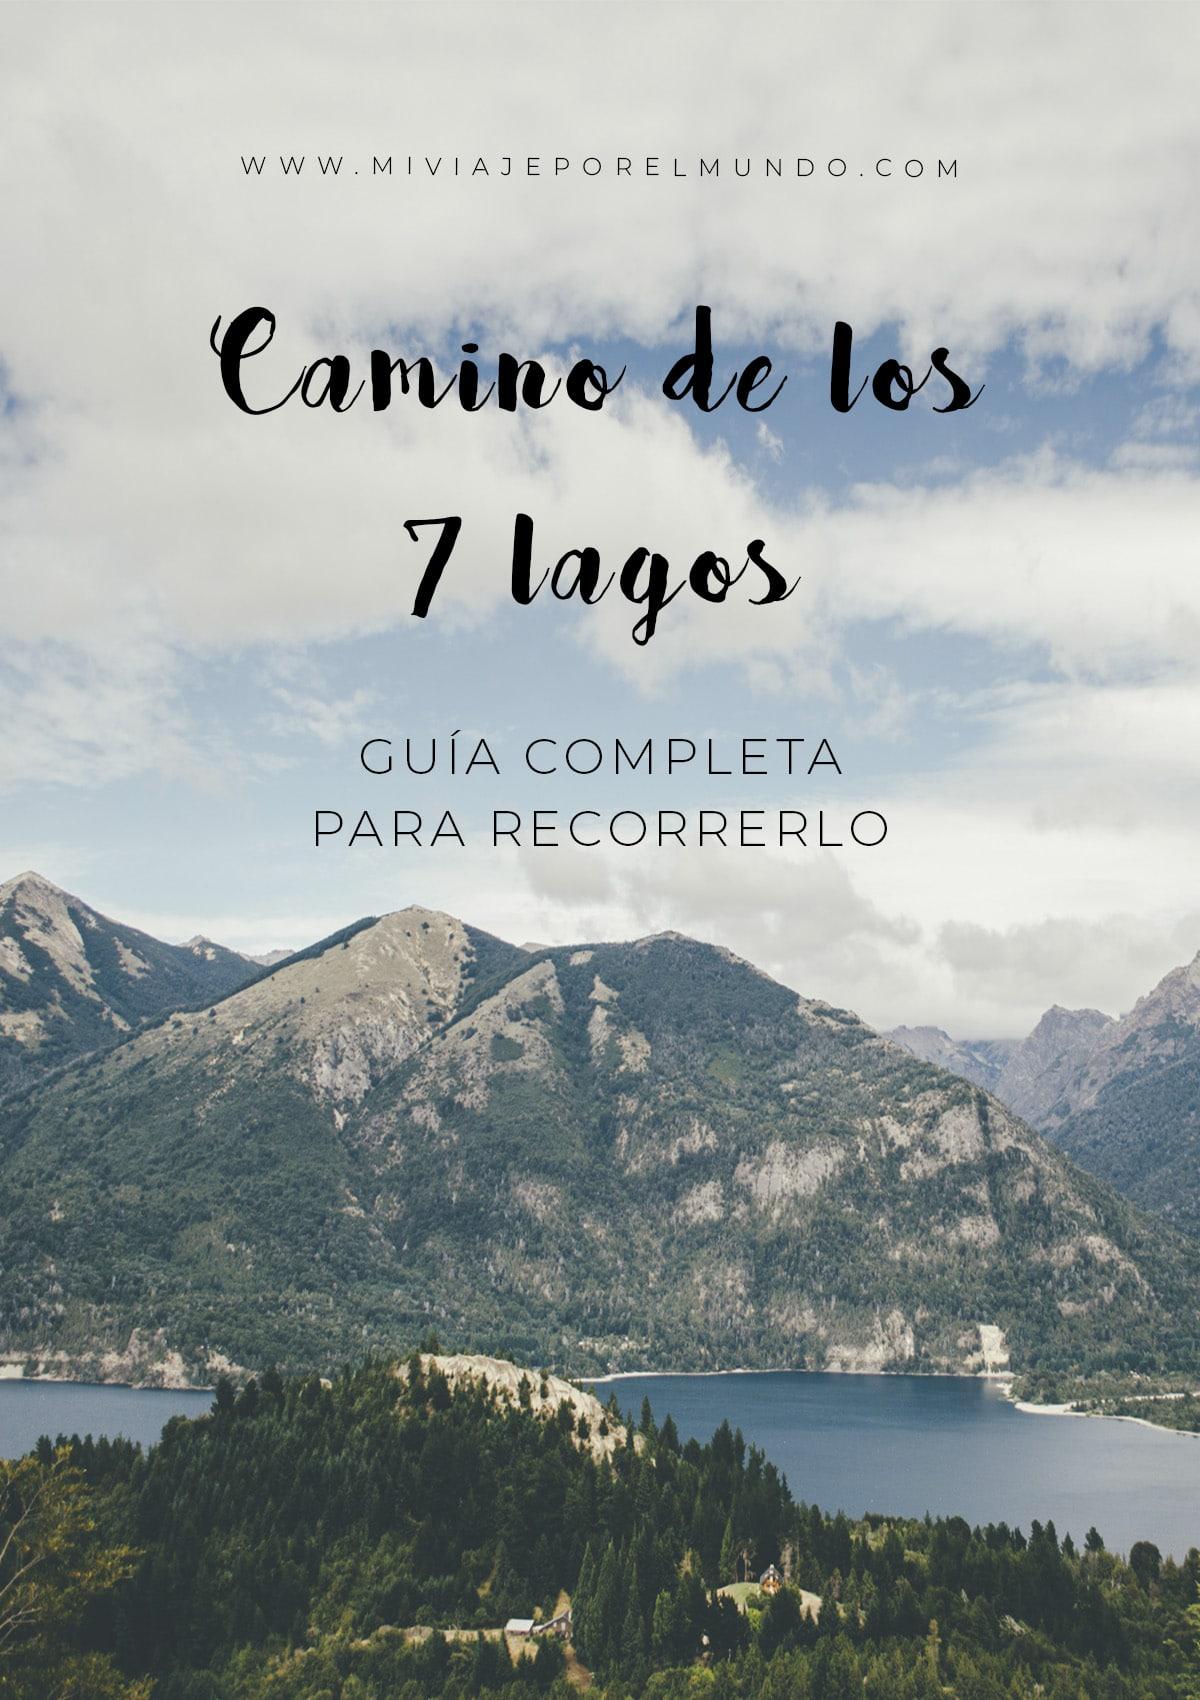 ecorrer el camino de los 7 lagos